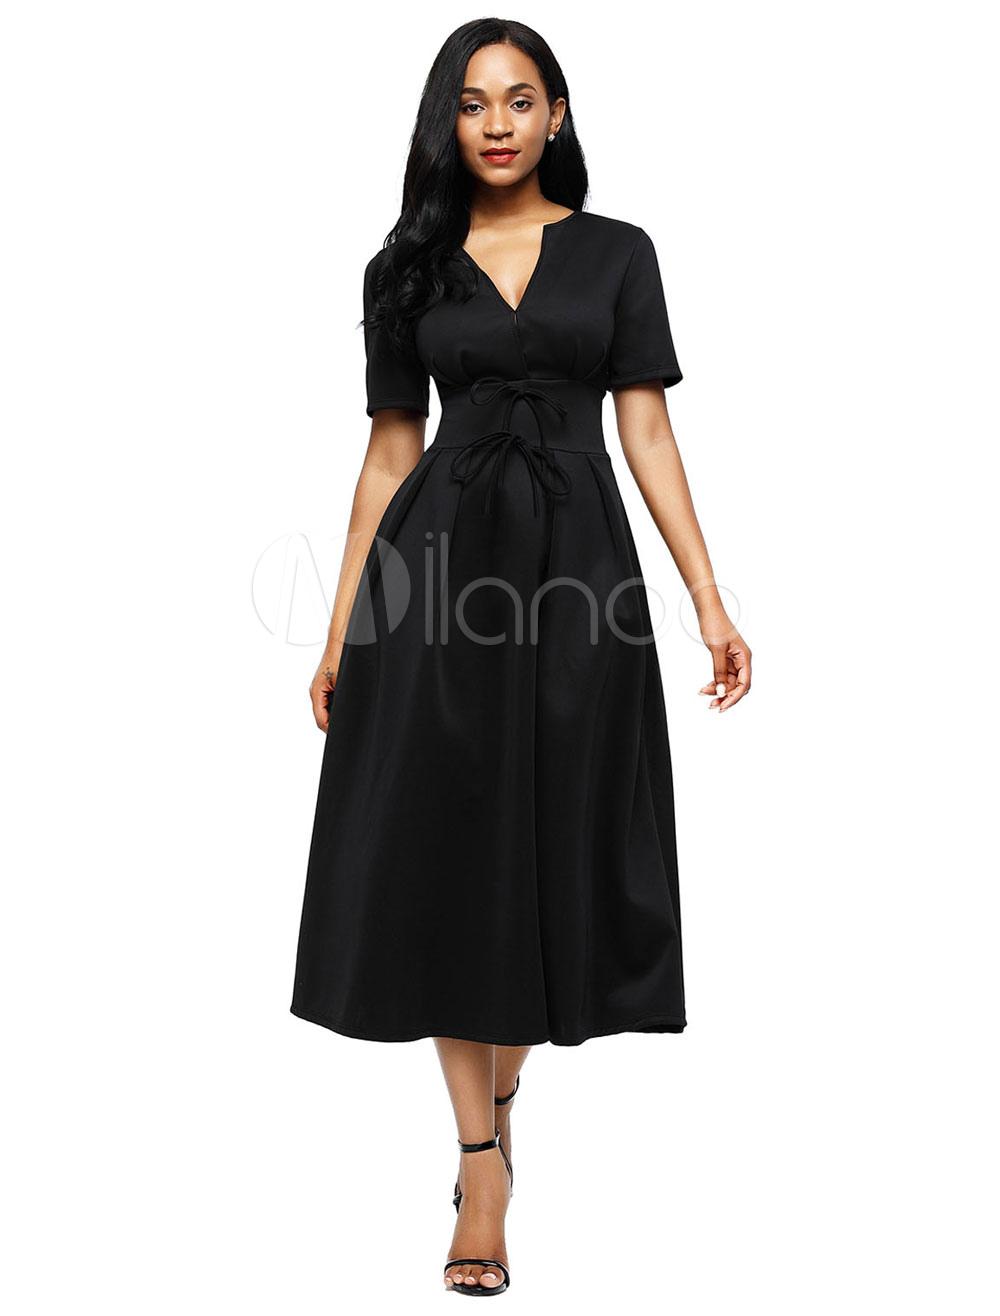 White Maxi Dress V Neck Short Sleeve Skater Dress For Women (Women\\'s Clothing Skater Dresses) photo